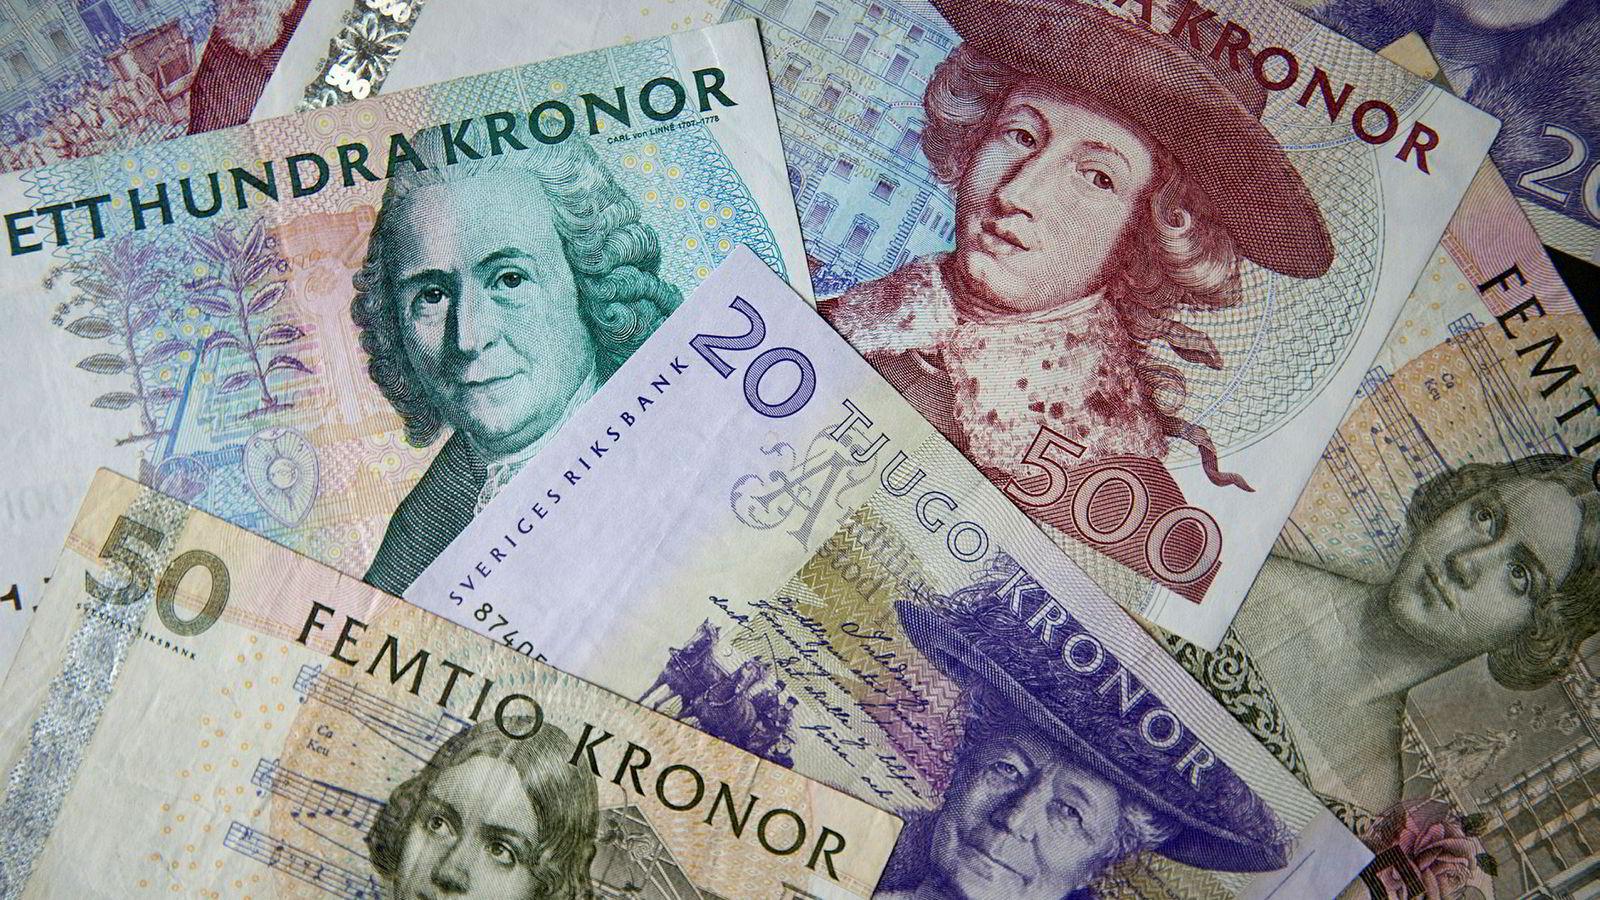 En pensjonert bankmann skal ha lurt svensker for over 100 millioner kroner siden 2001.